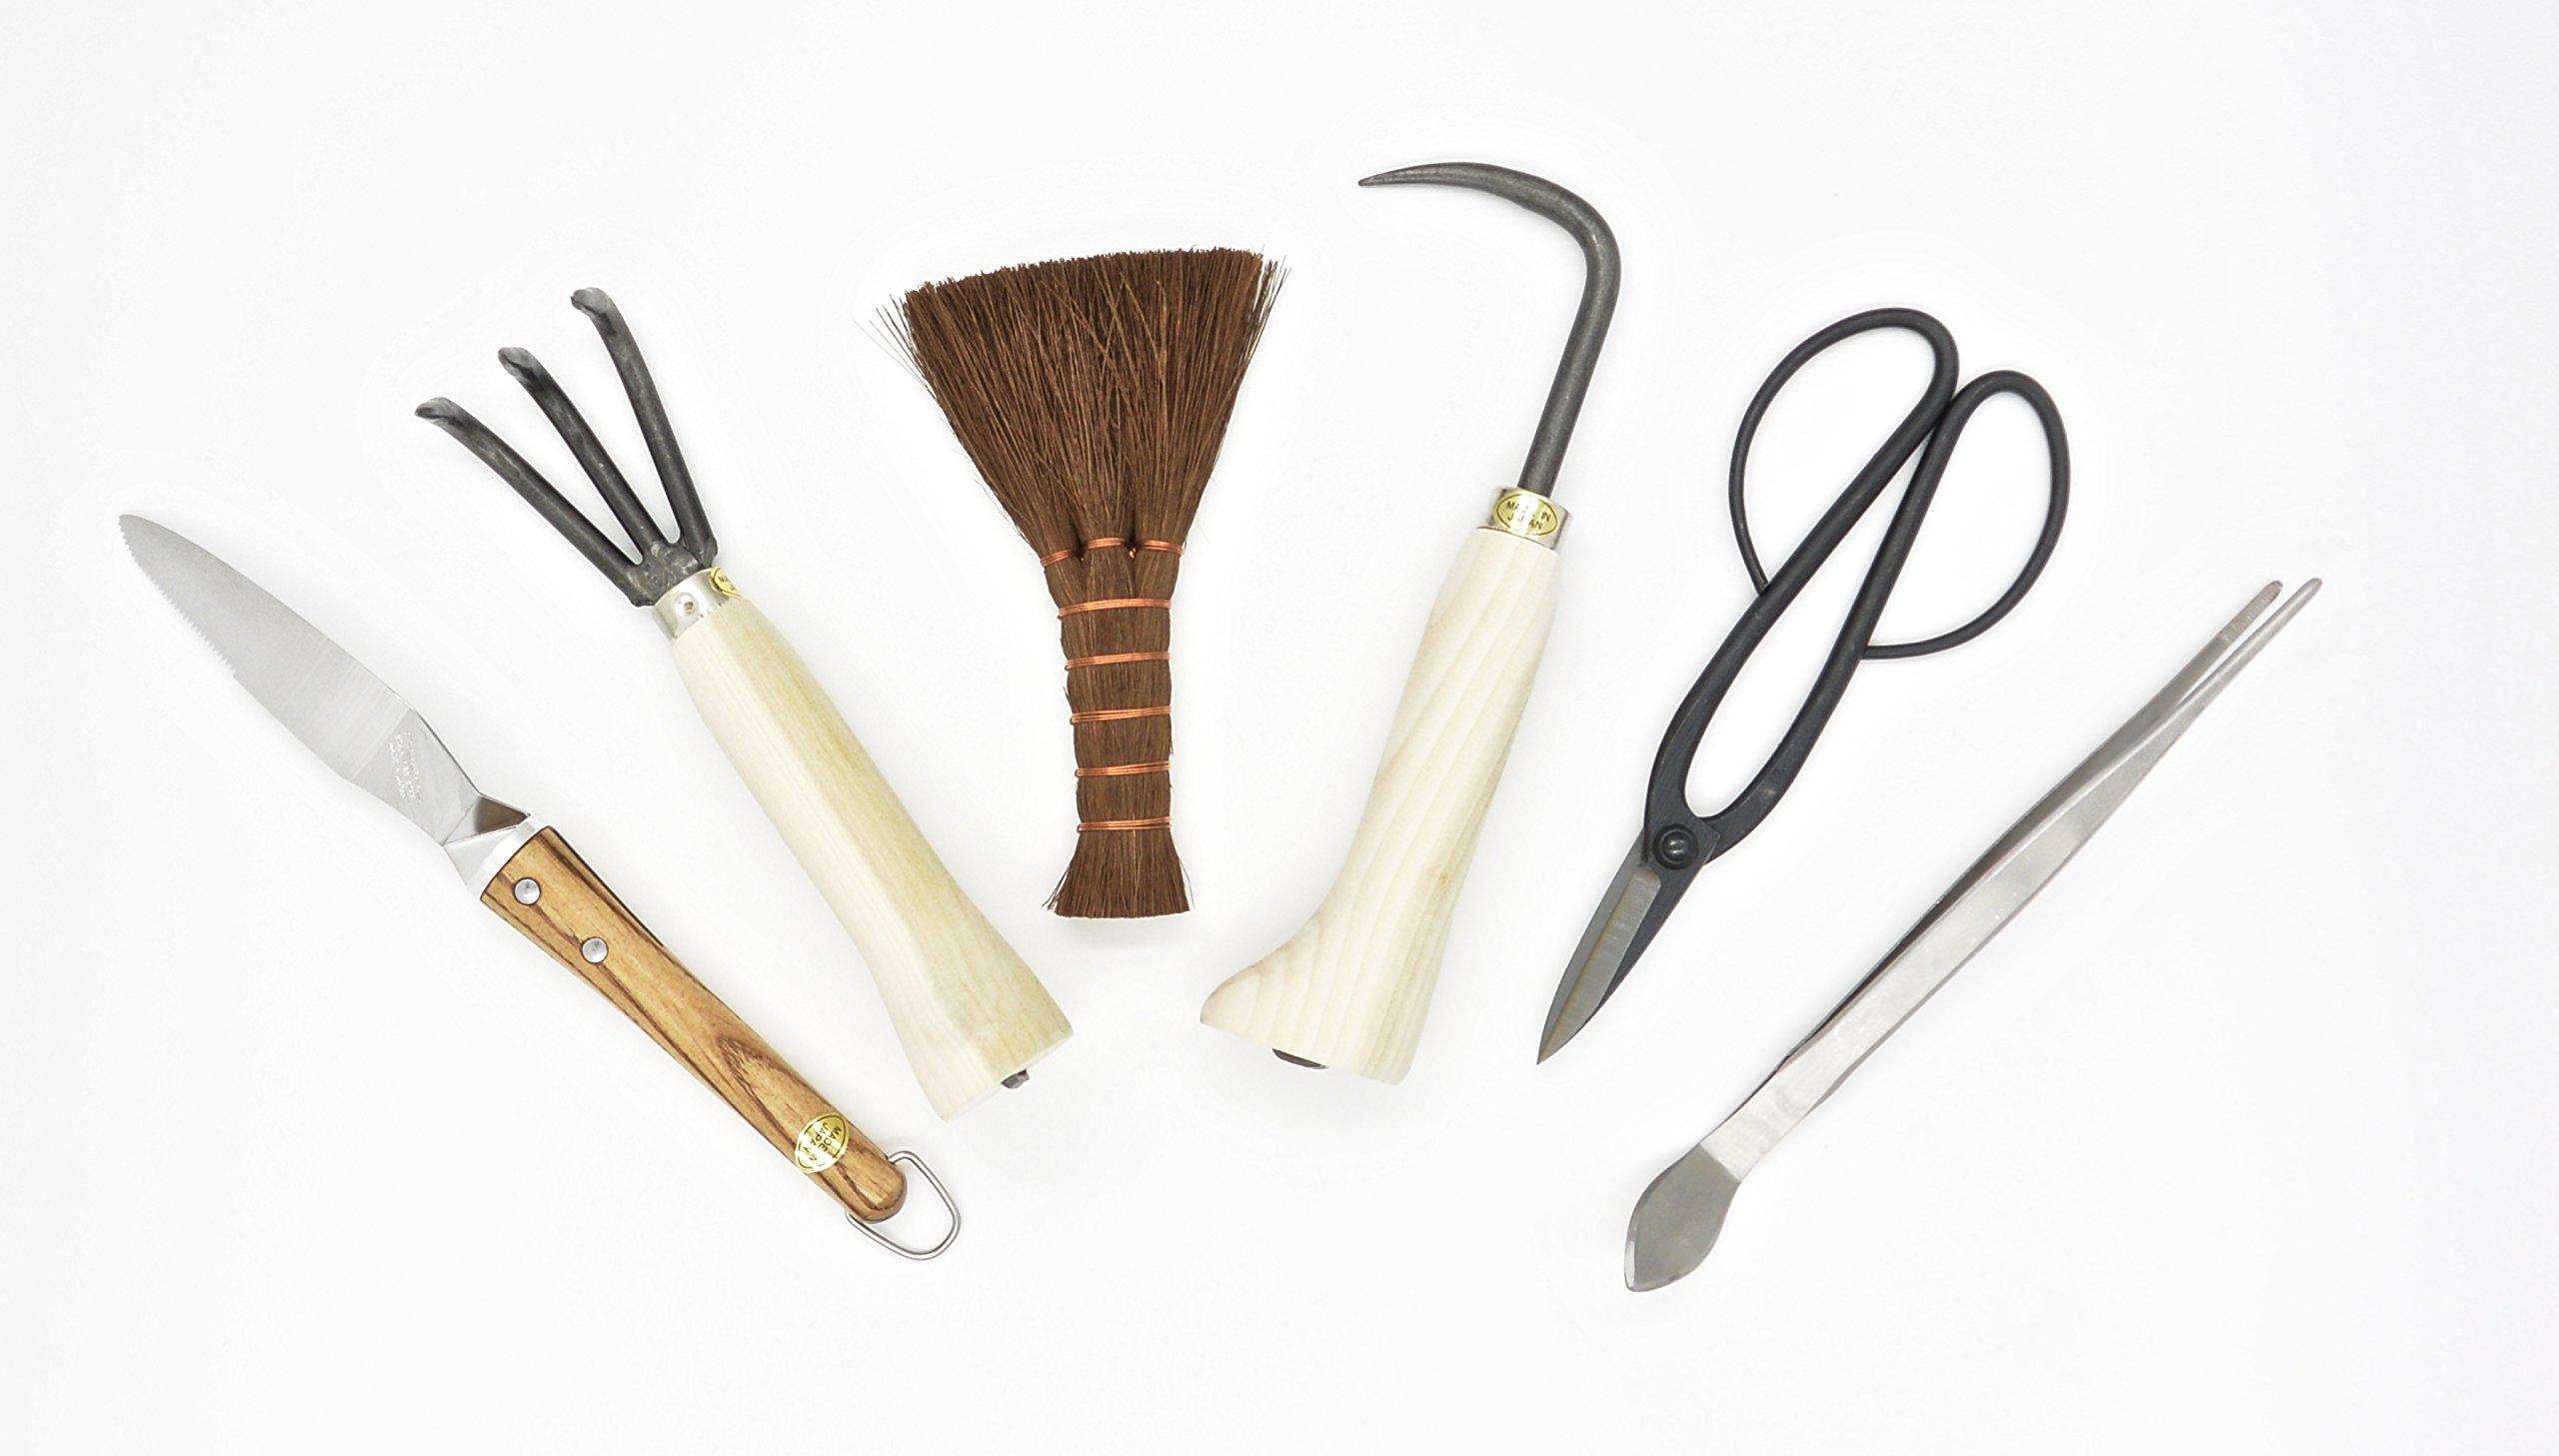 Bonsai tool kit 6 pcs